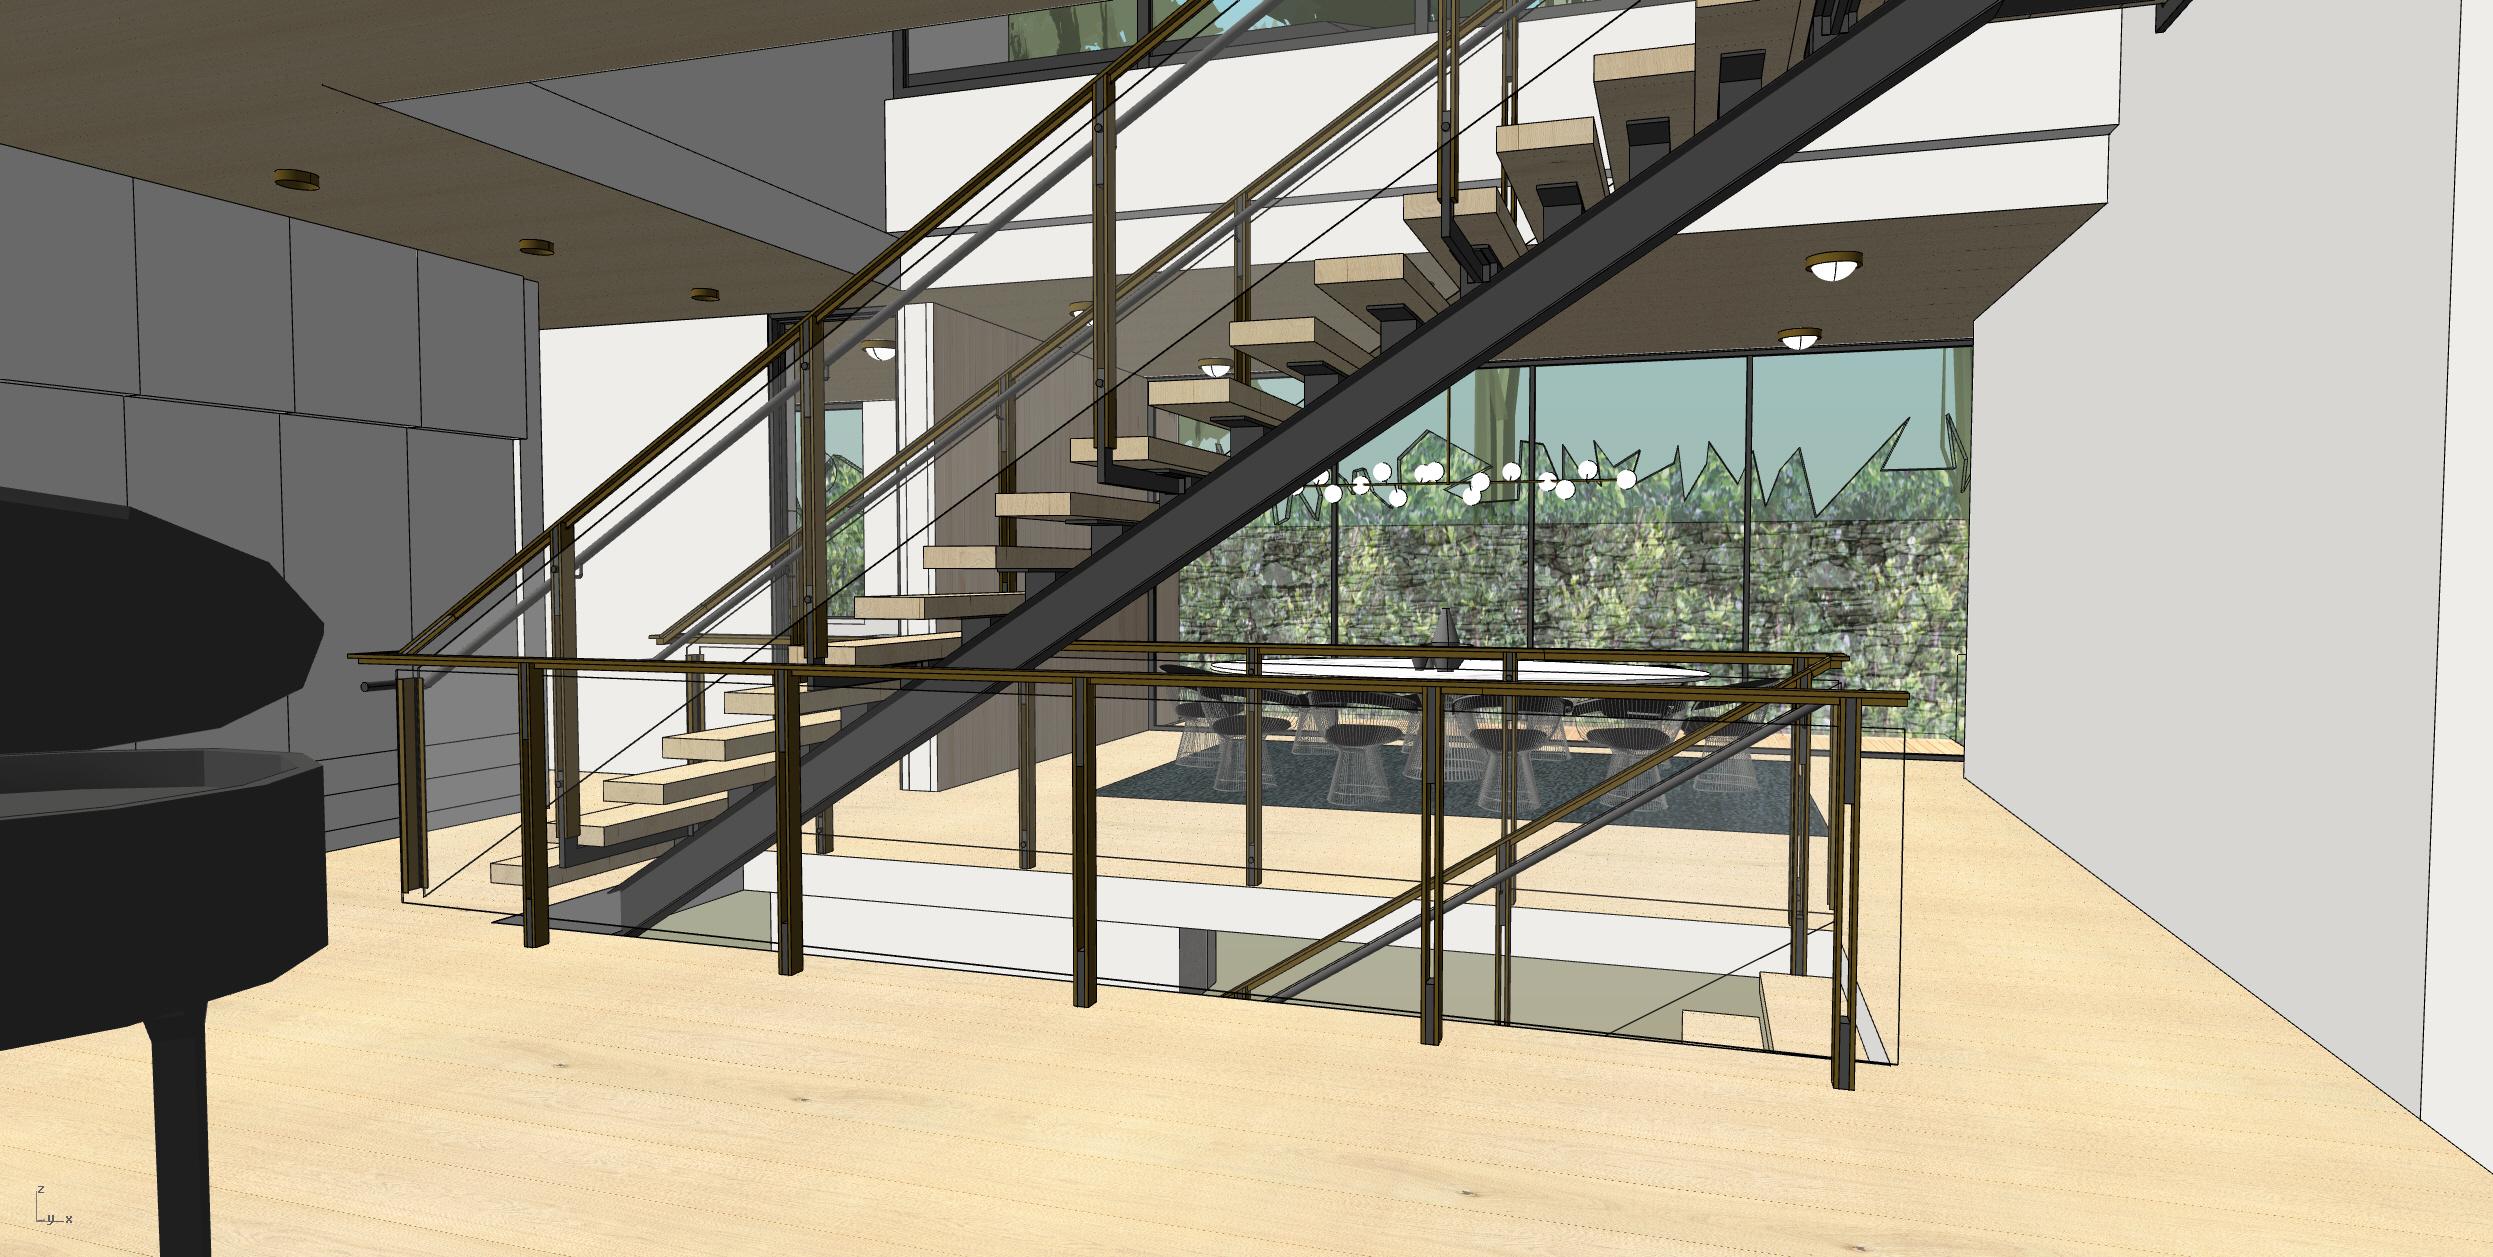 RADDON_Stair Render 2.jpg